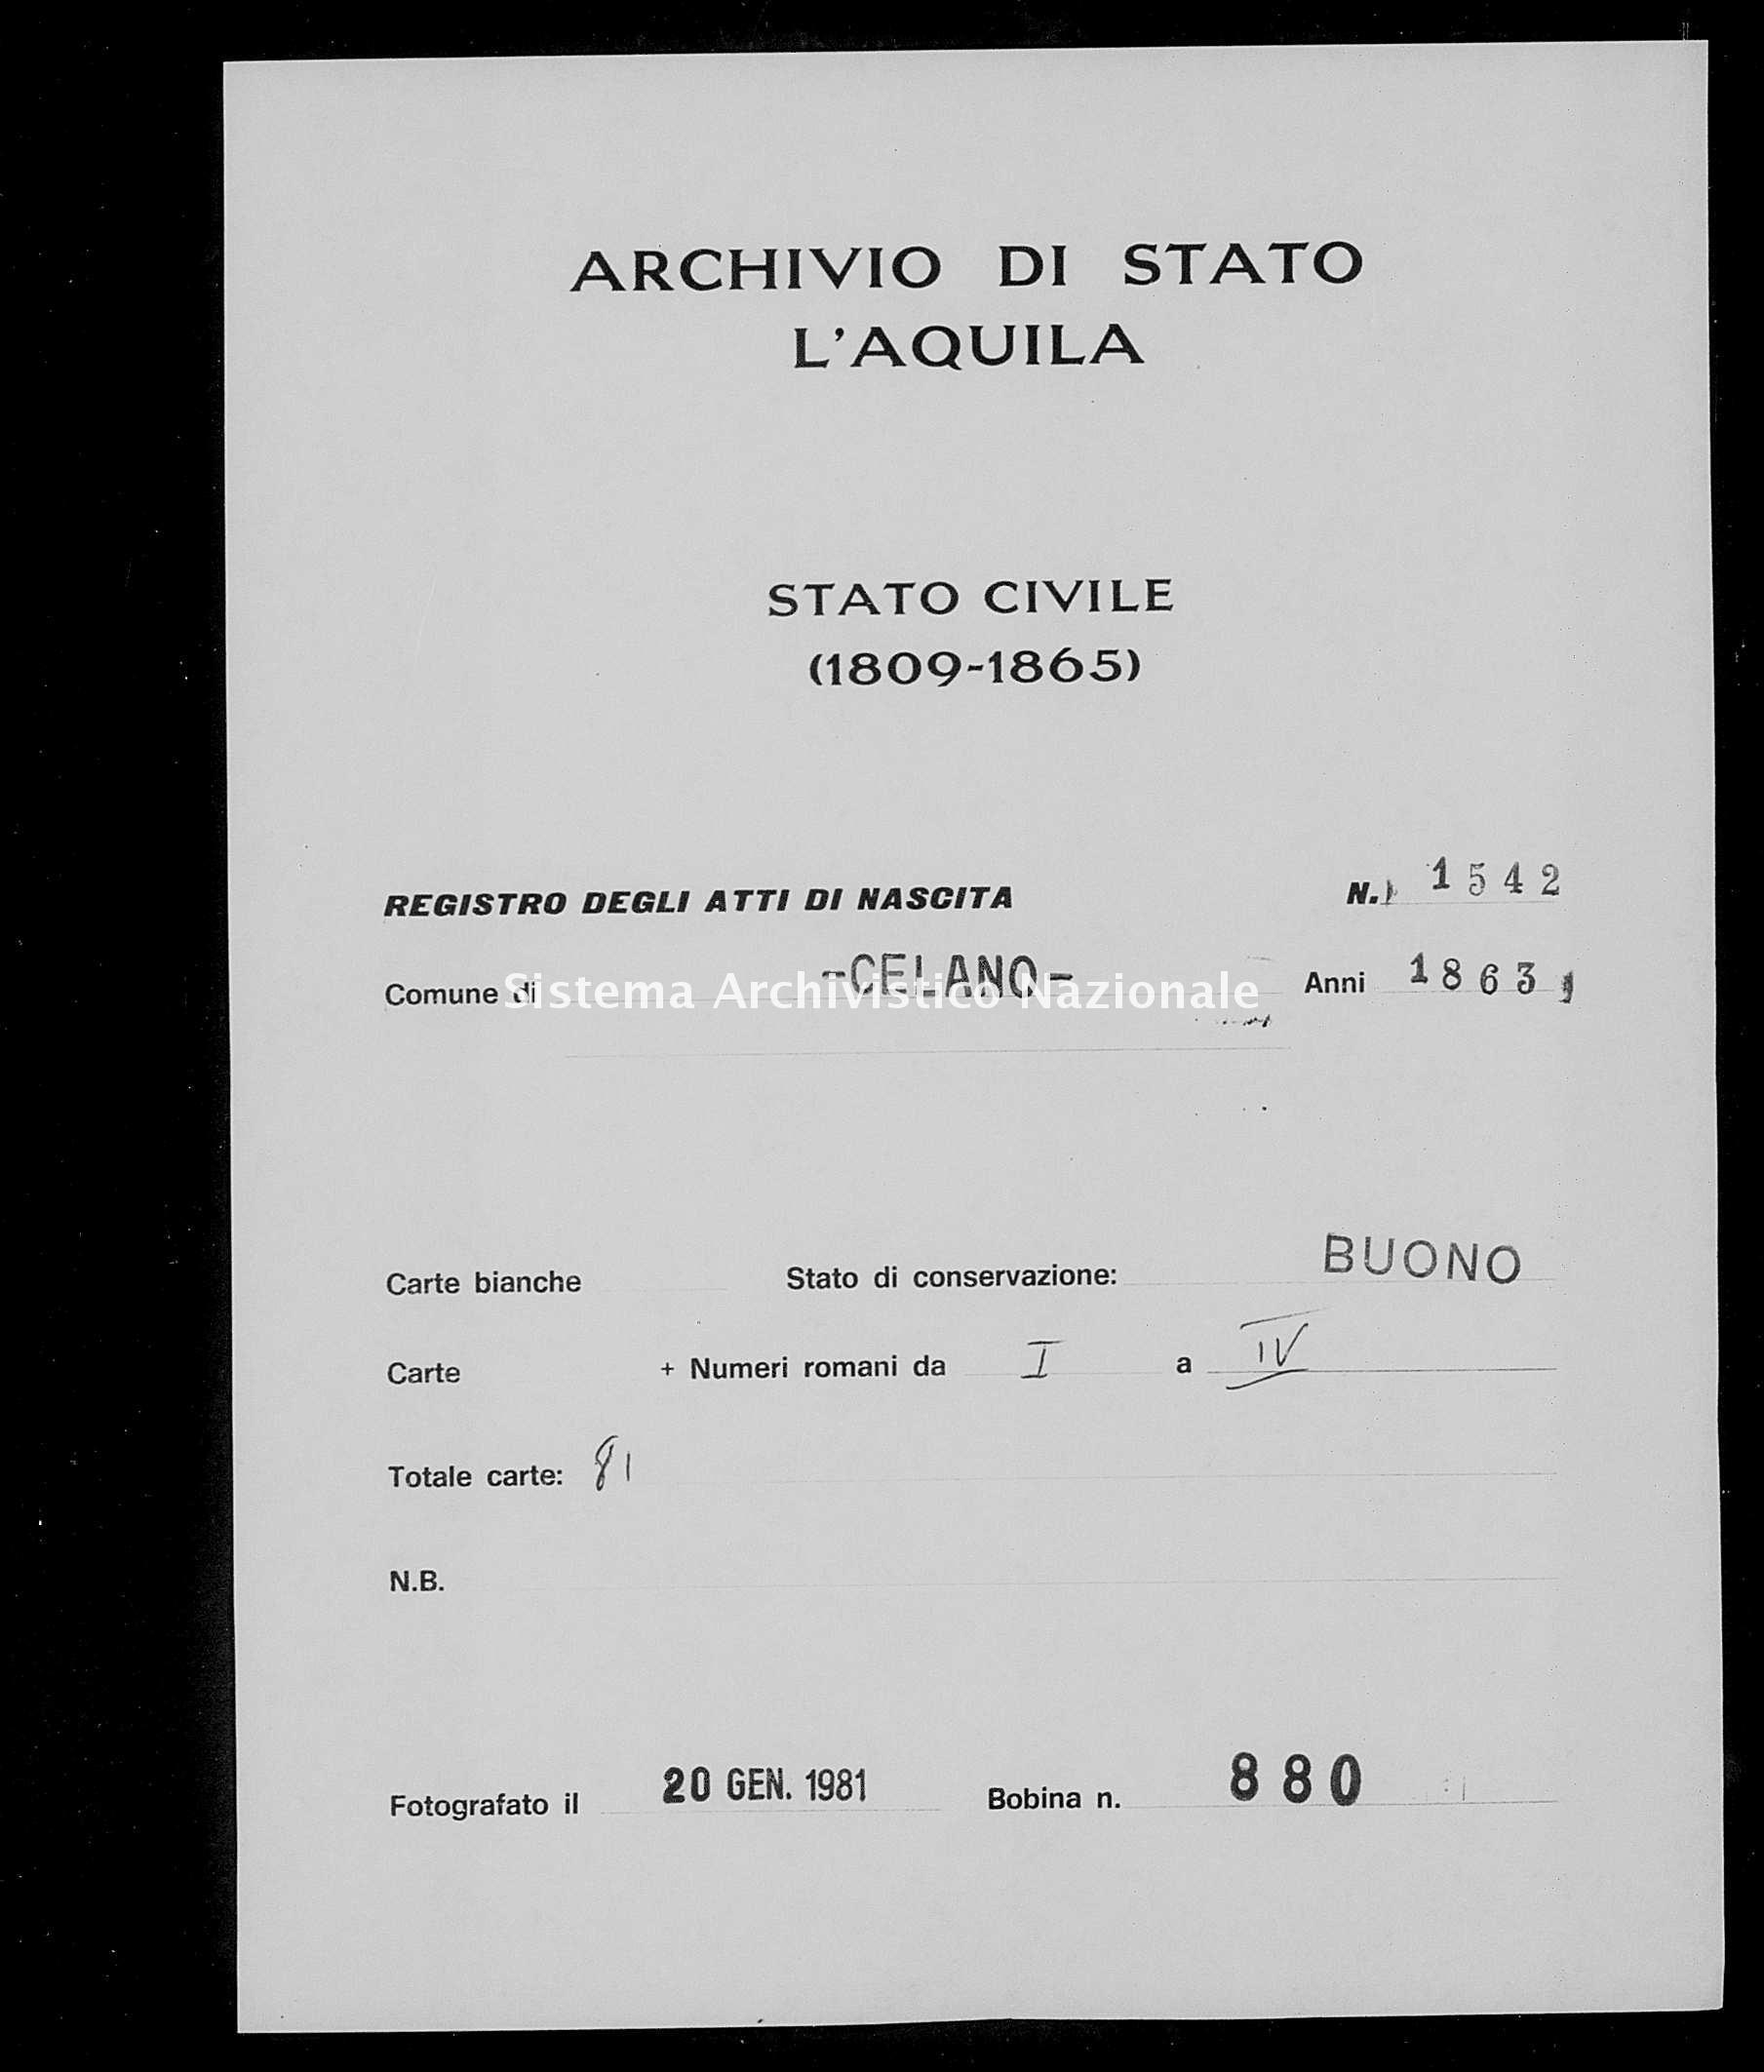 Archivio di stato di L'aquila - Stato civile italiano - Celano - Nati - 1863 - 1542 -